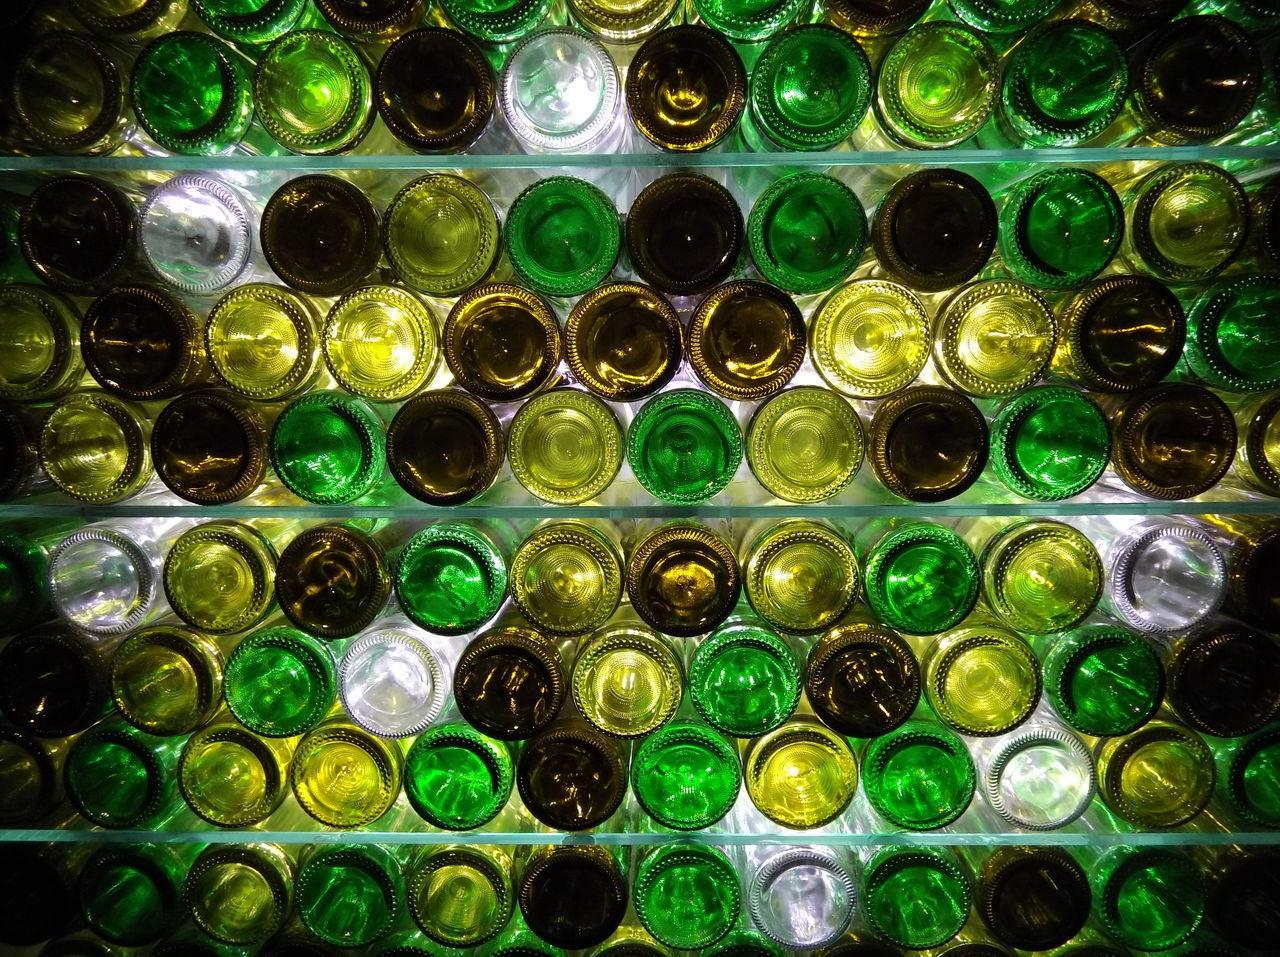 FULL FRAME SHOT OF MULTI COLORED GLASS BOTTLES